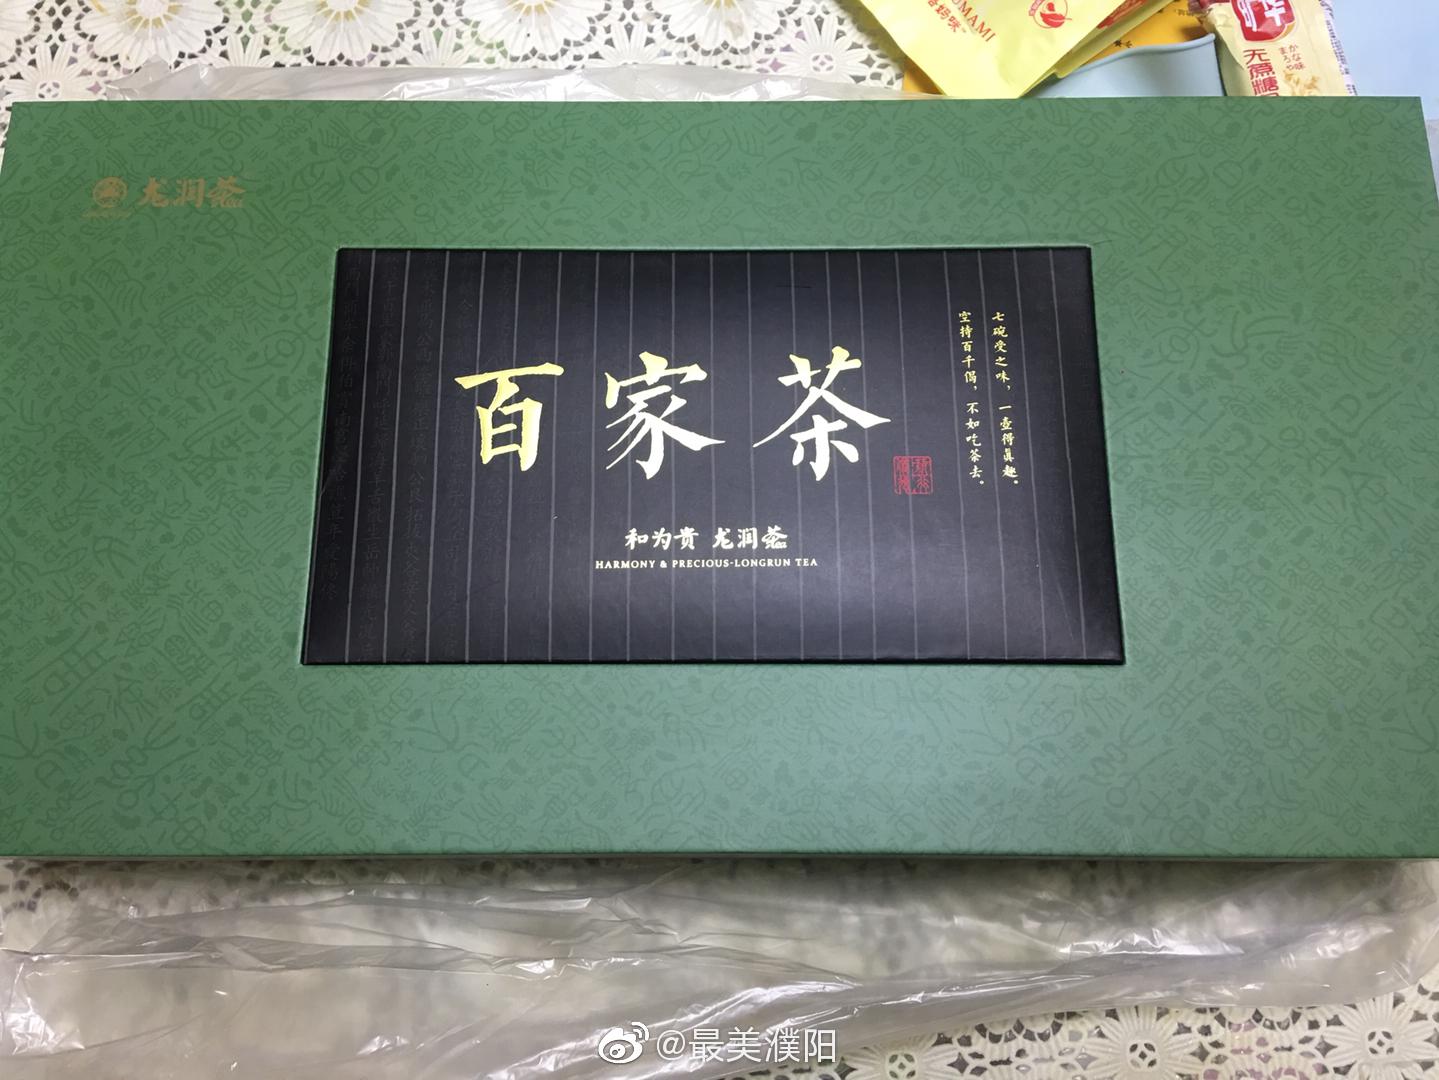 非常感谢@龙润焦家良 焦董送的龙润茶